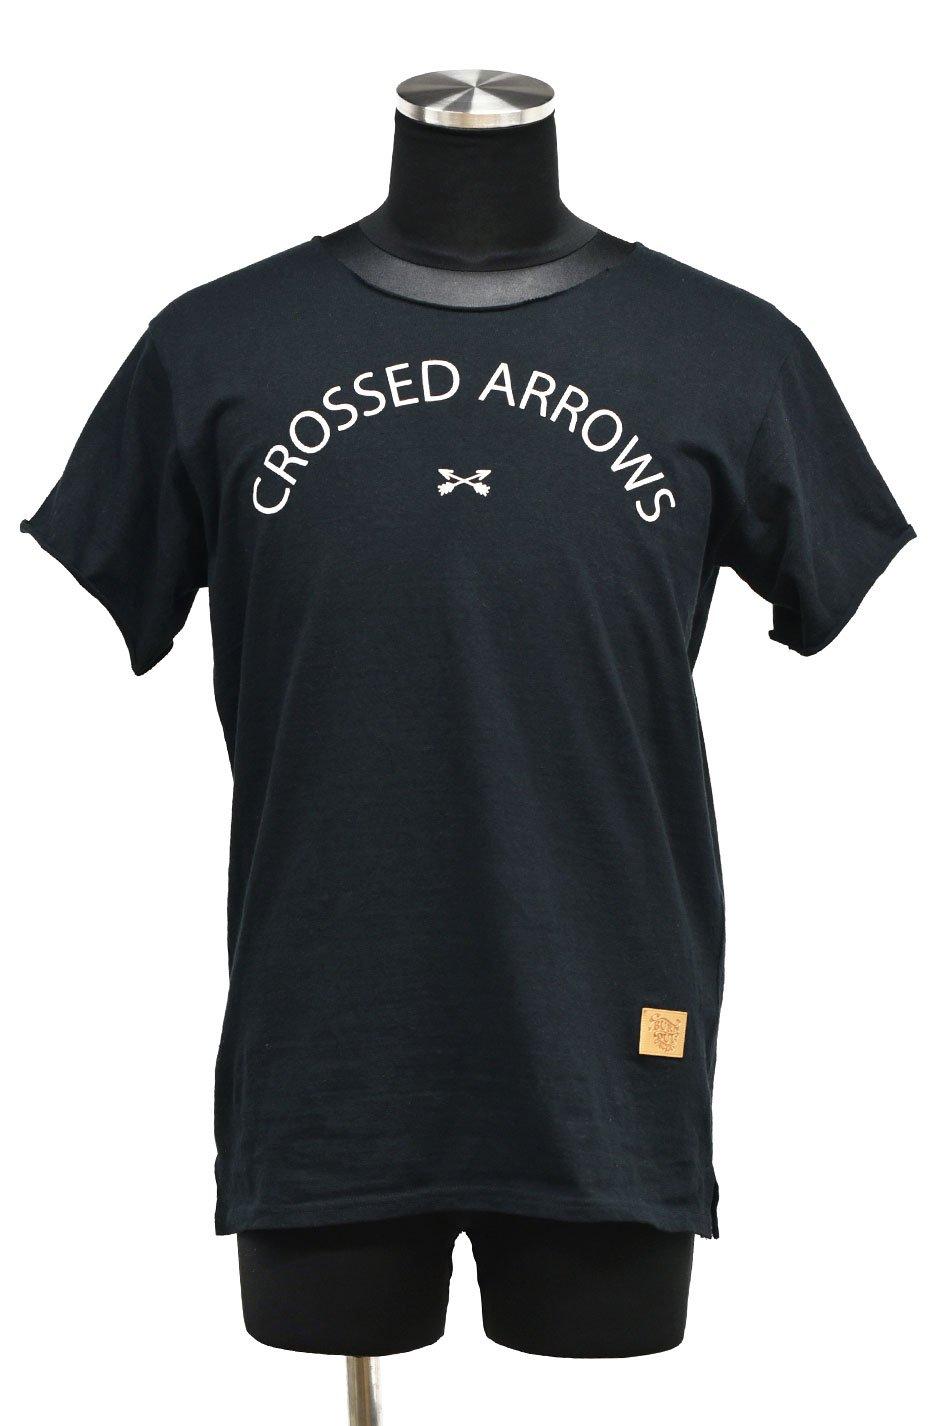 20%off! BURNOUT(バーンアウト )『CROSSED ARROWS』ラフィー天竺 カットオフTシャツ / ブラック